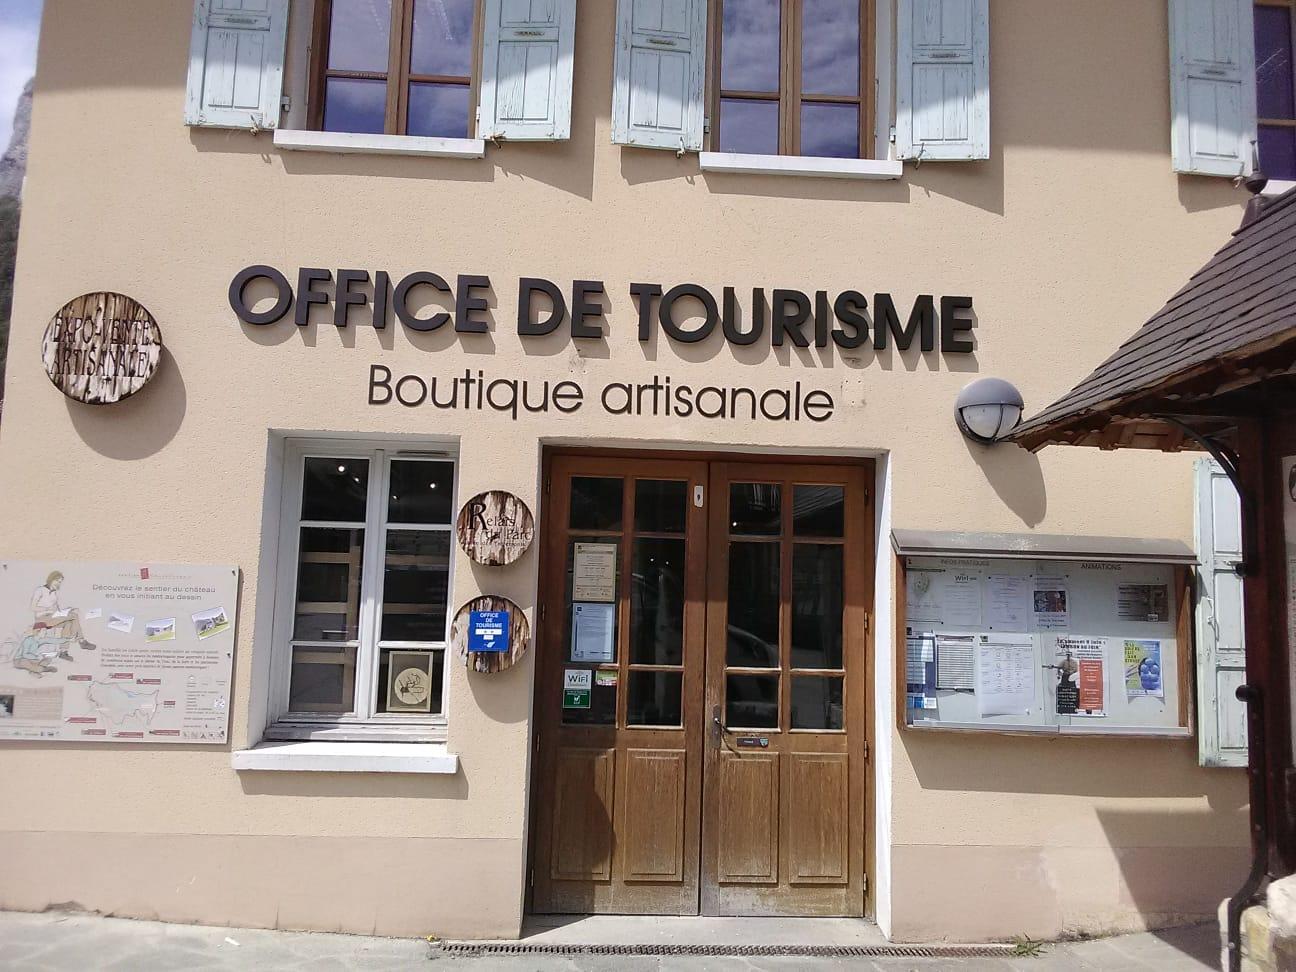 LETTRE BOITIER - OFFICE DU TOURISME - SAINT PEIRRE D'ENTREMONT - SAVOIE PUB (3)